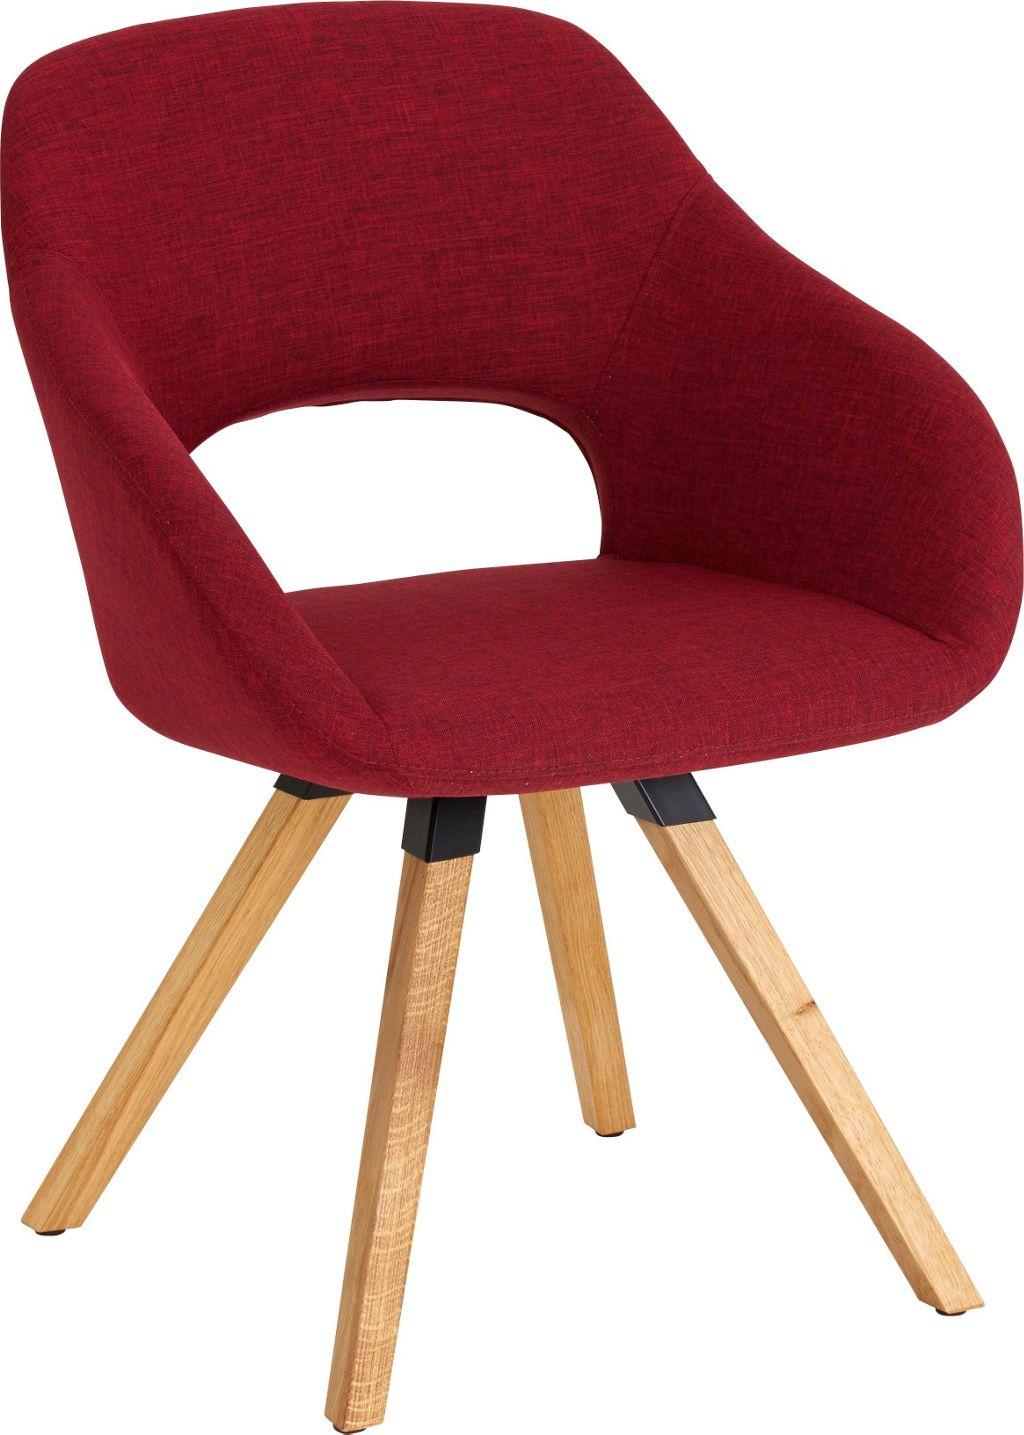 Designer Stuhl Mit Armlehnen Wohnzimmer